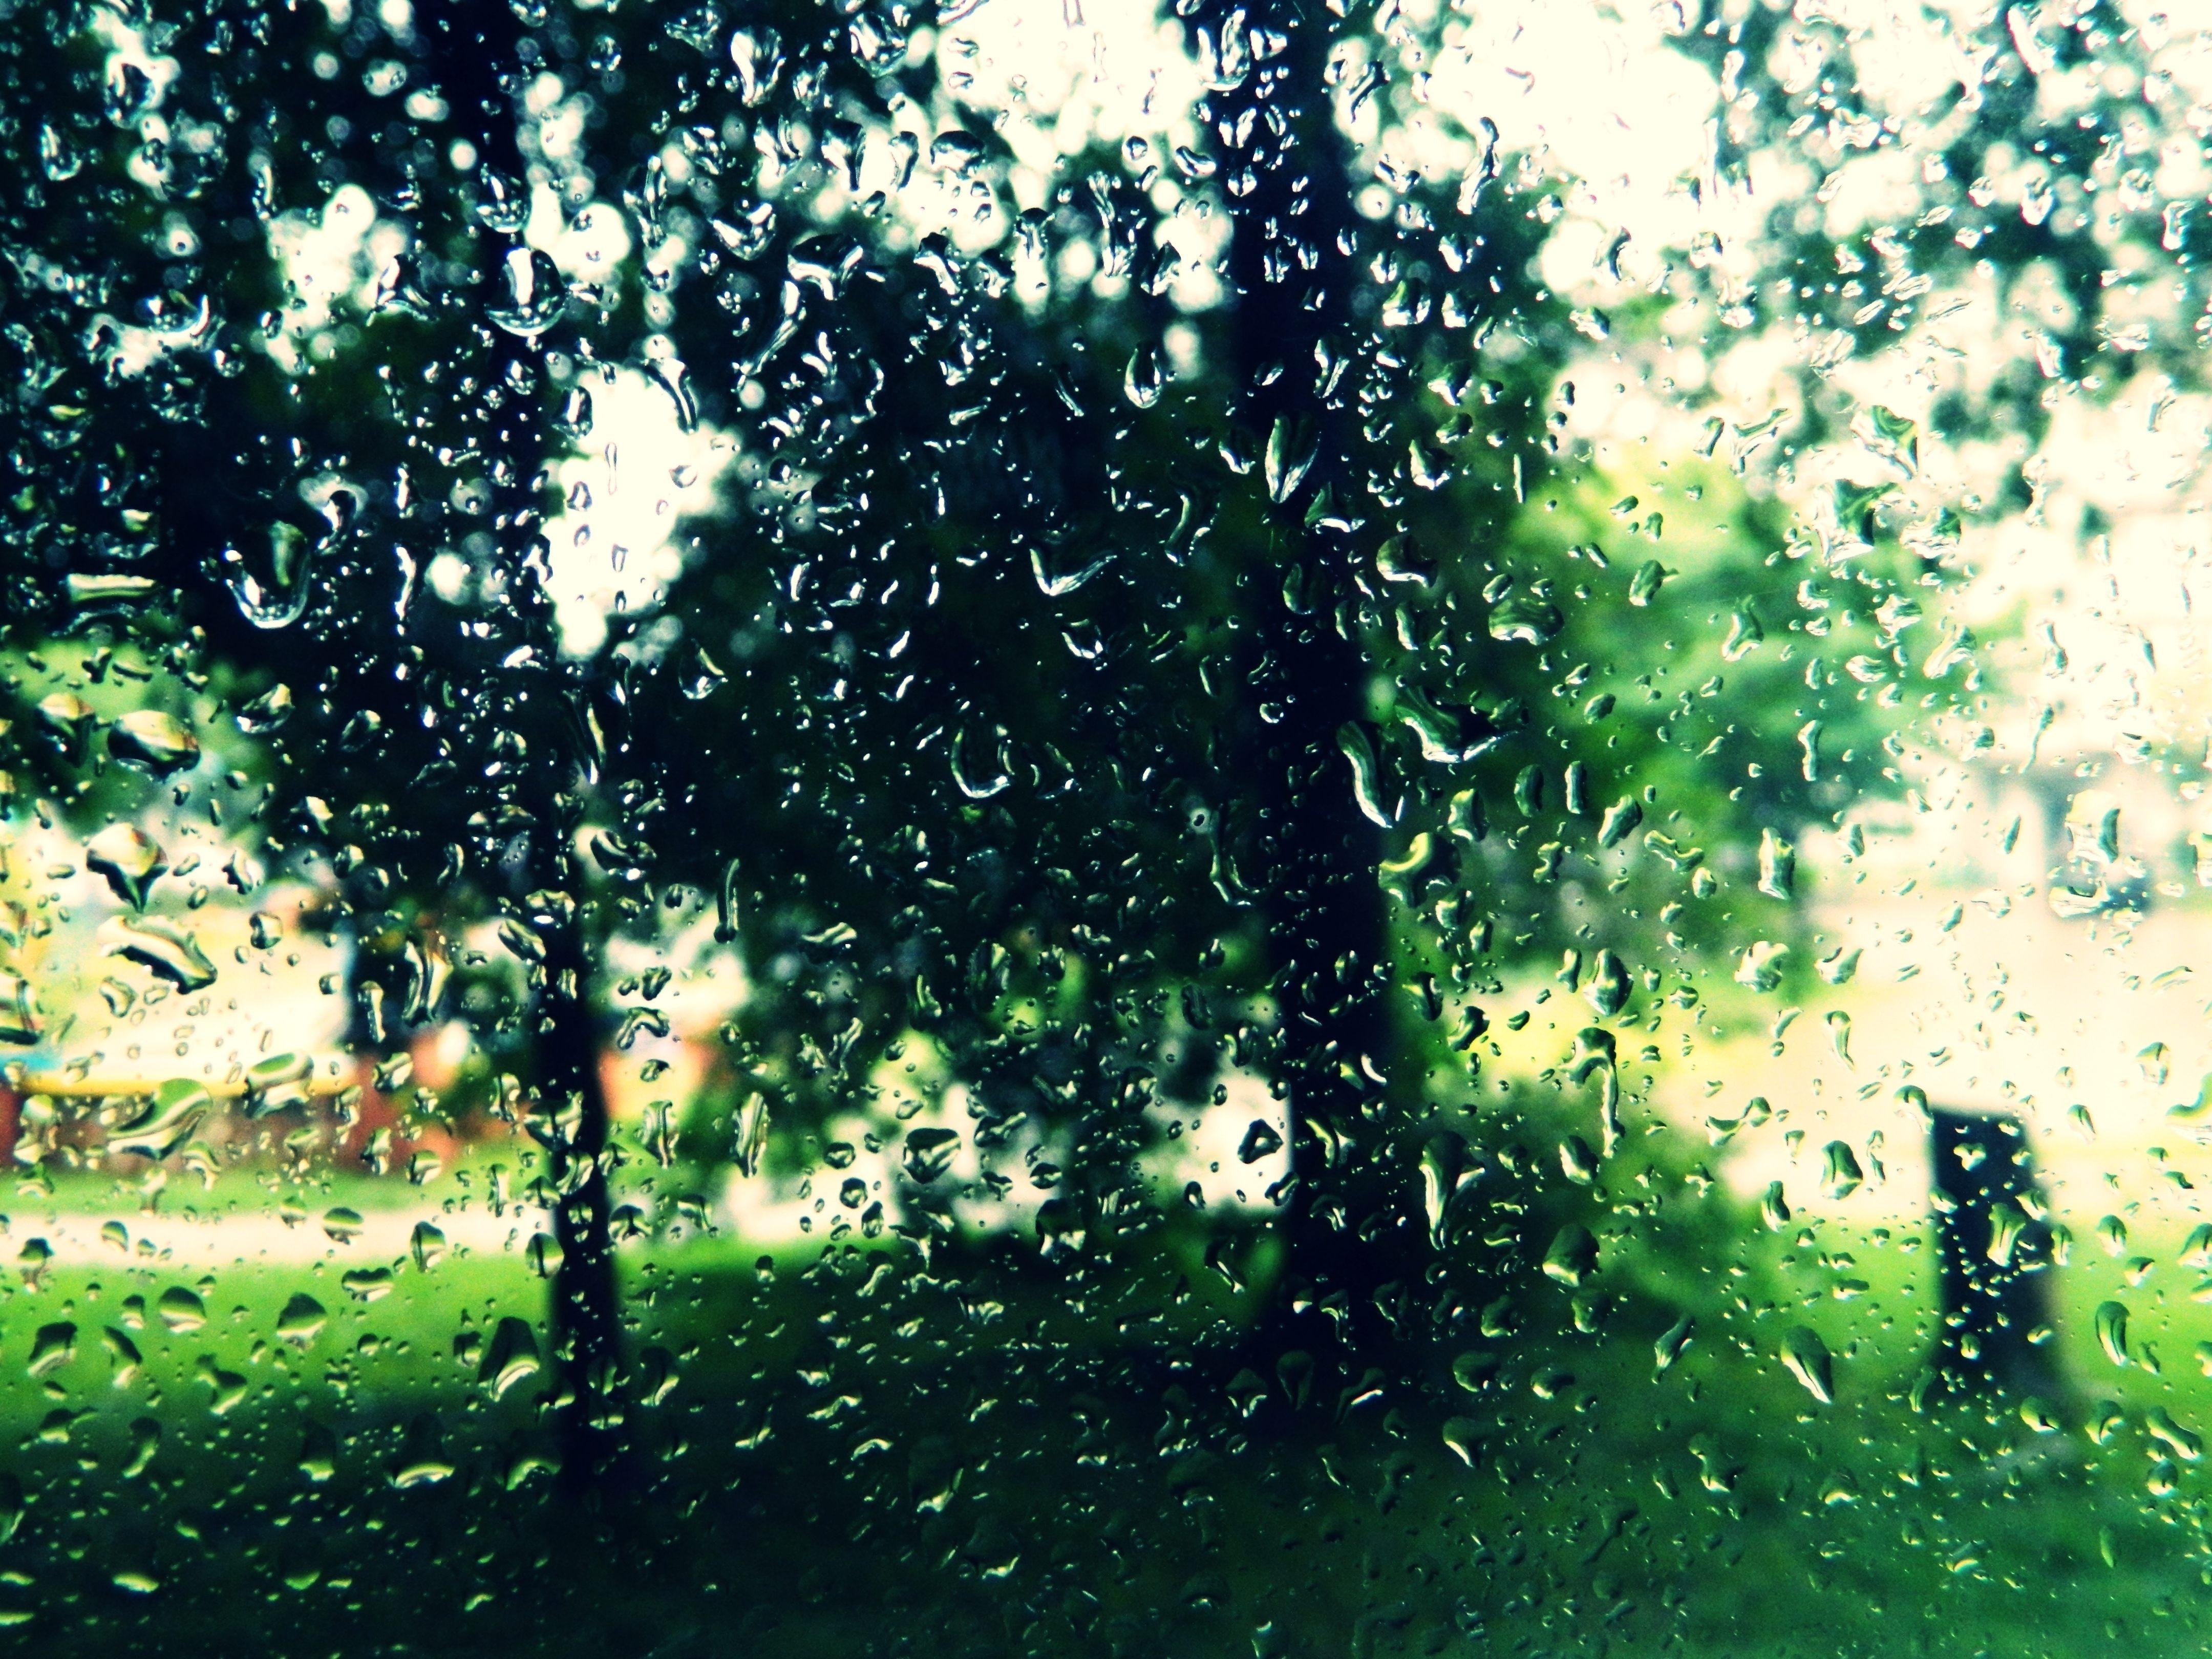 дождь, капля, лист, лето без смс